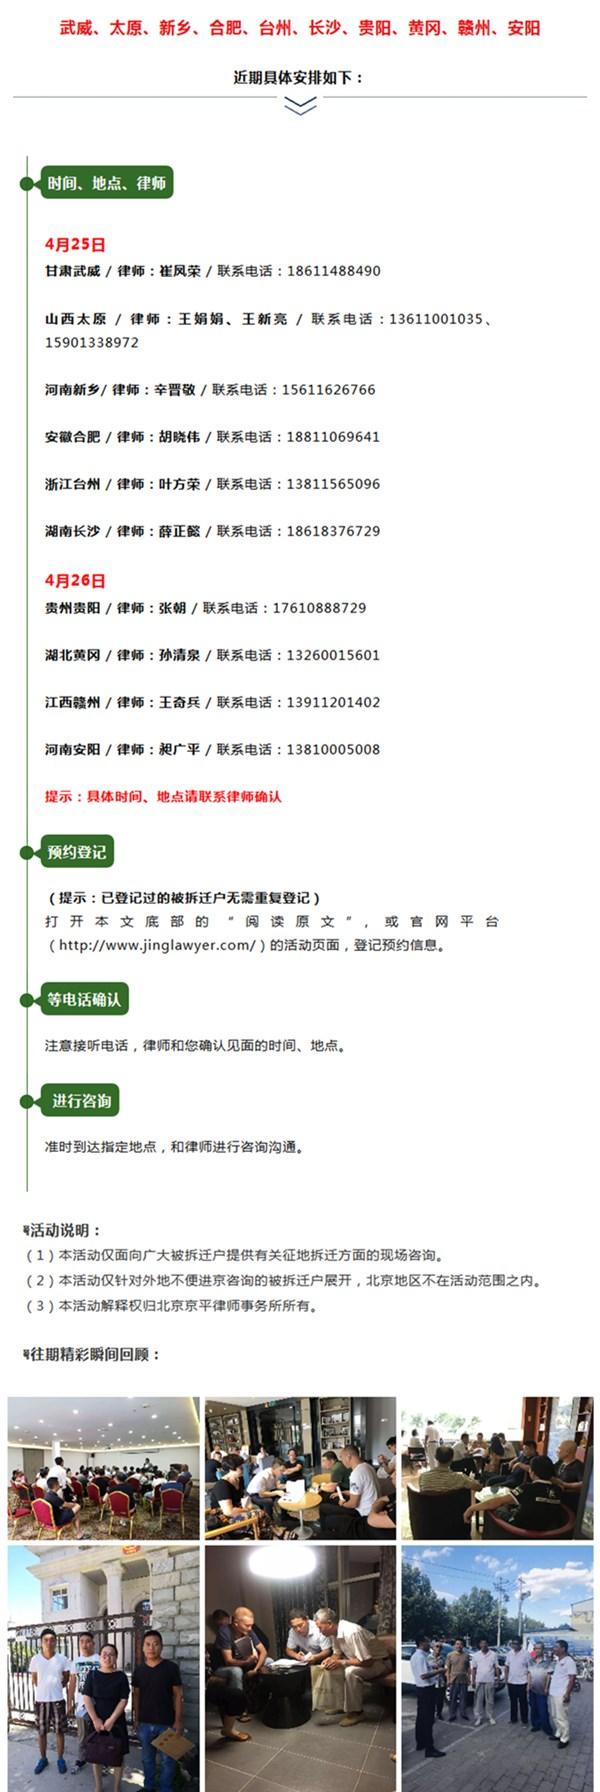 4月25日武威、太原、新乡、合肥、台州、长沙!京平律师百城行六站同开